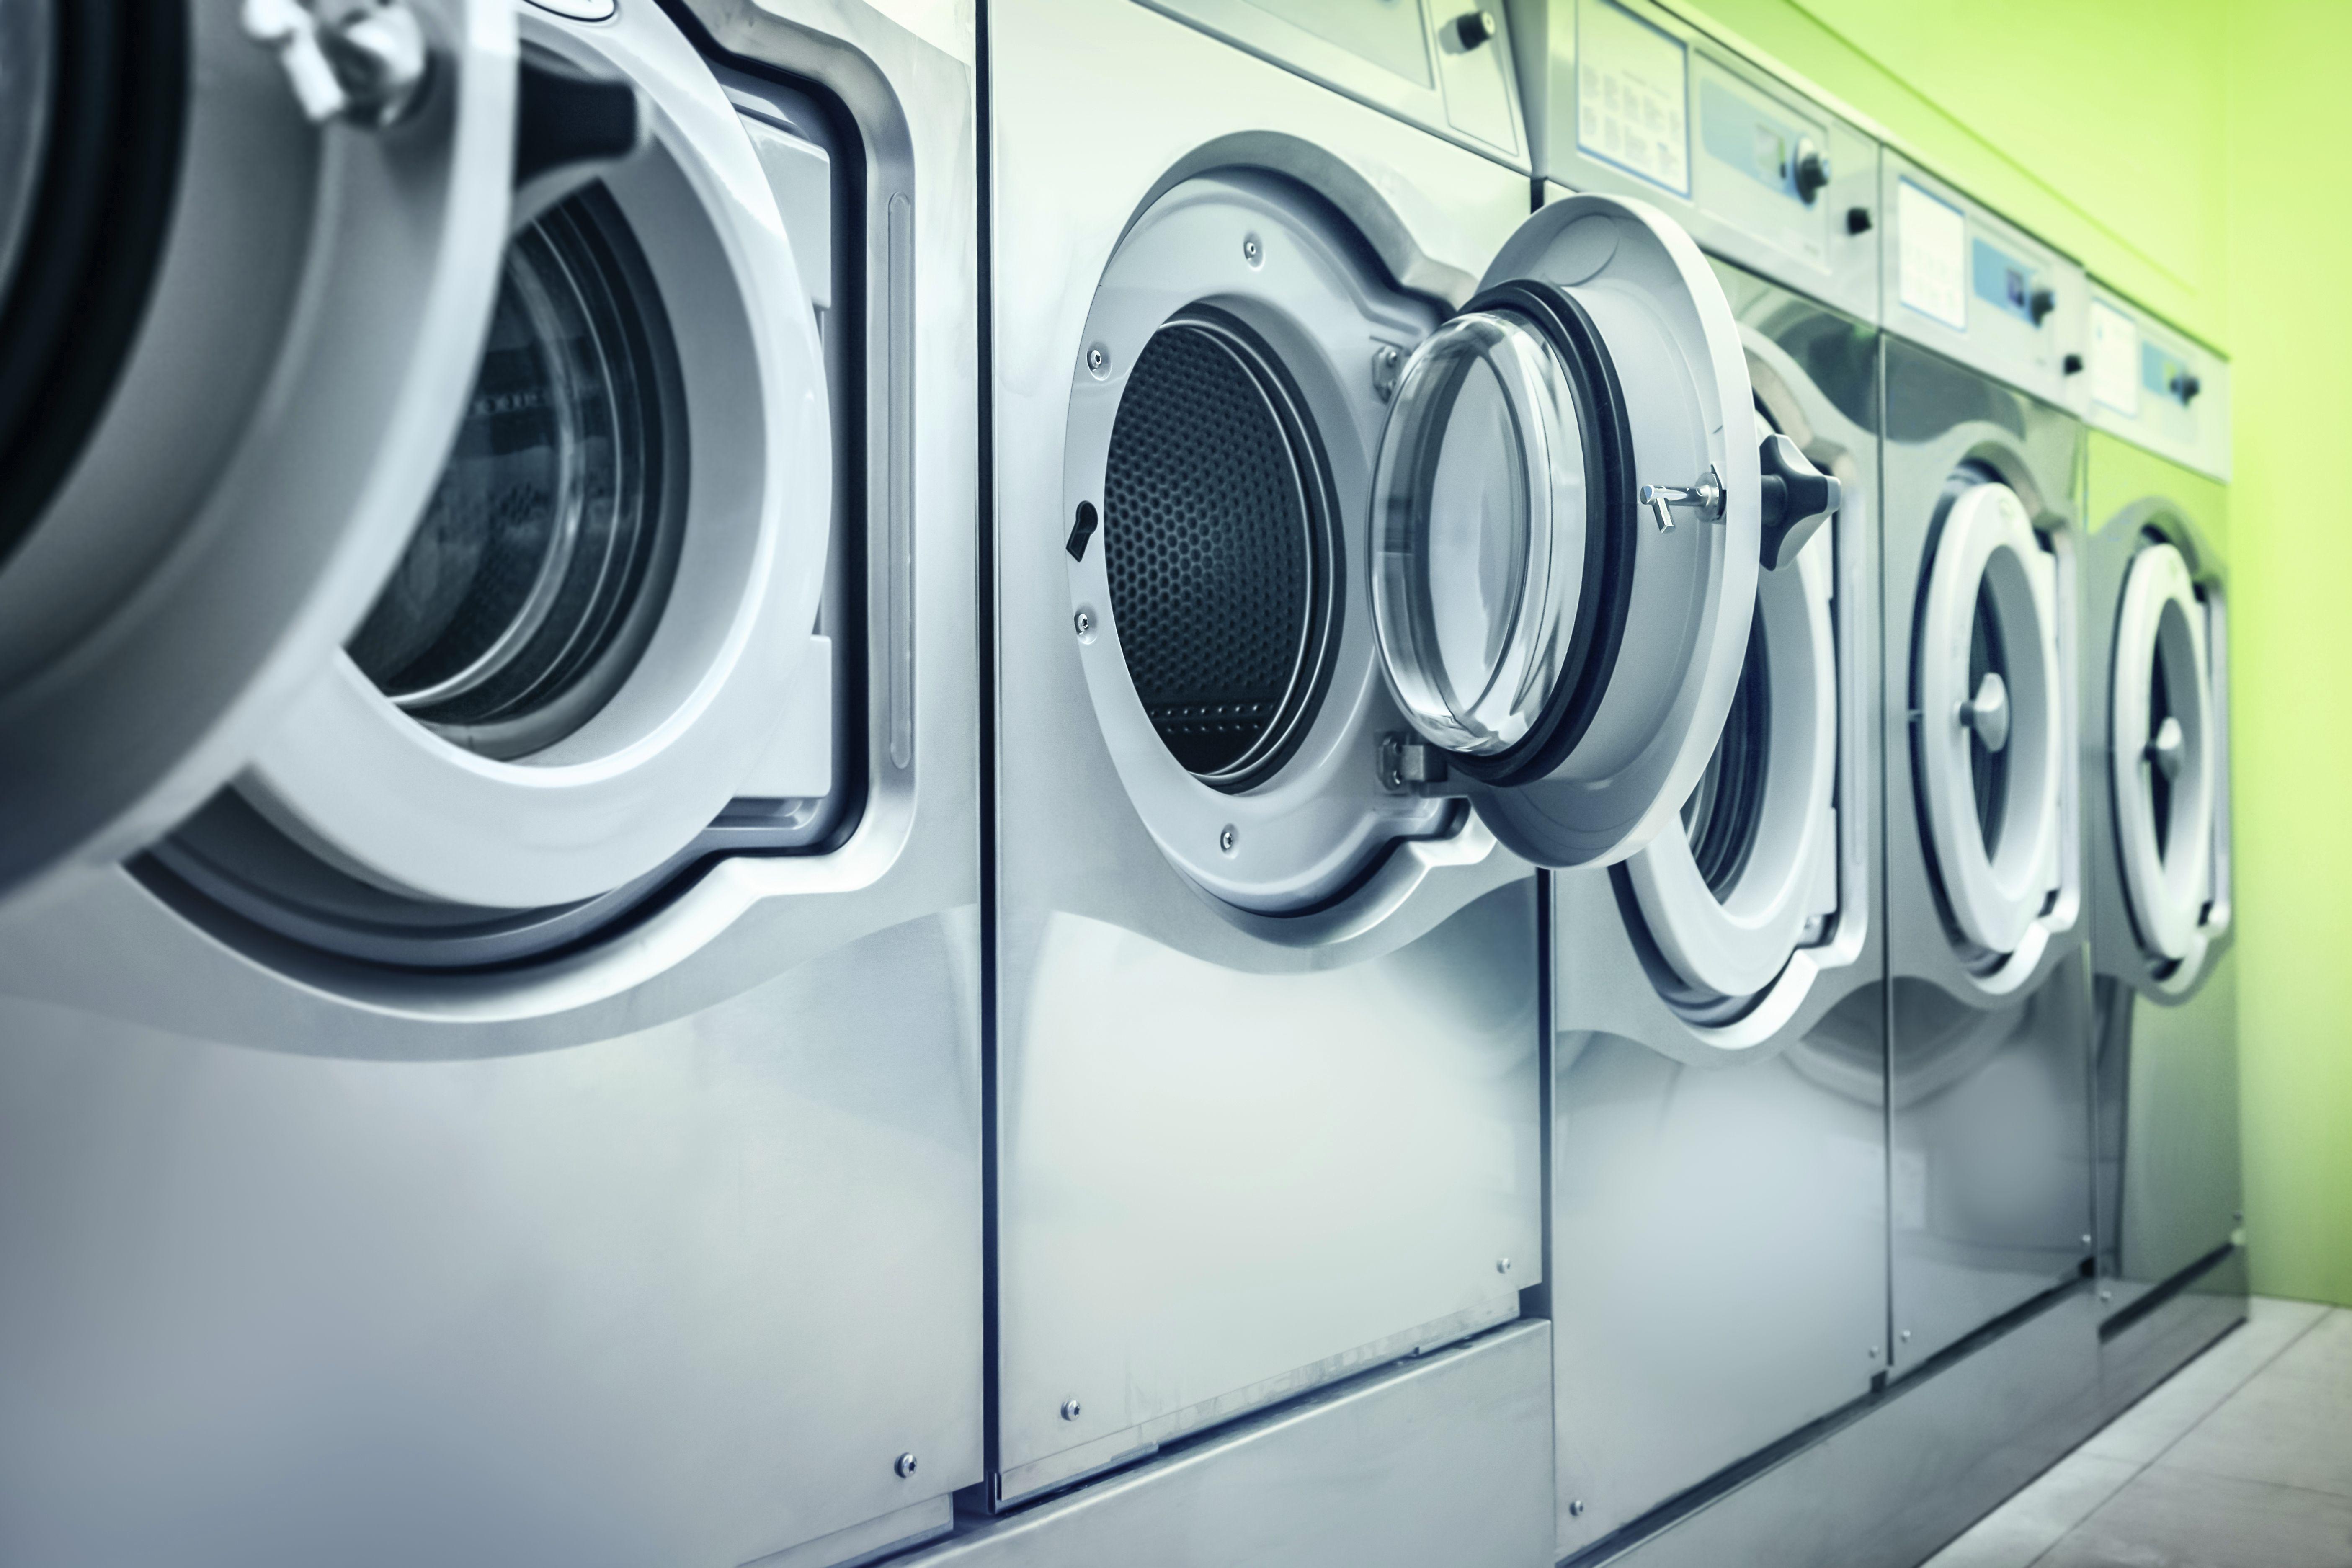 Servicio técnico de electrodomésticos en Pozuelo